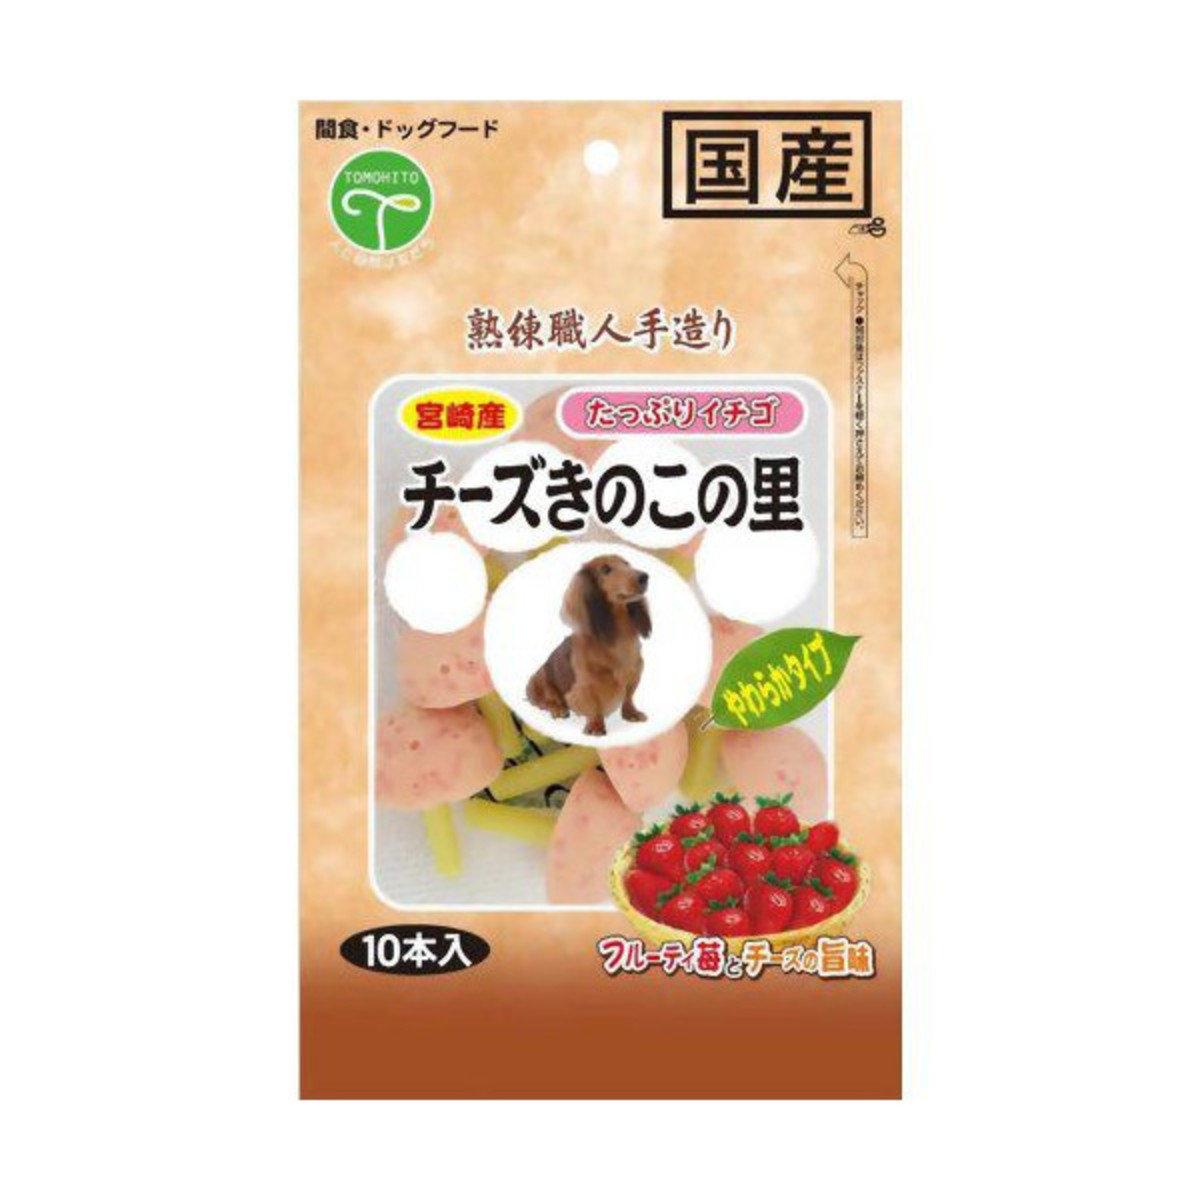 日本 TOMOHITO 草莓芝士珍寶棒 10本     到期日:1/3/2017